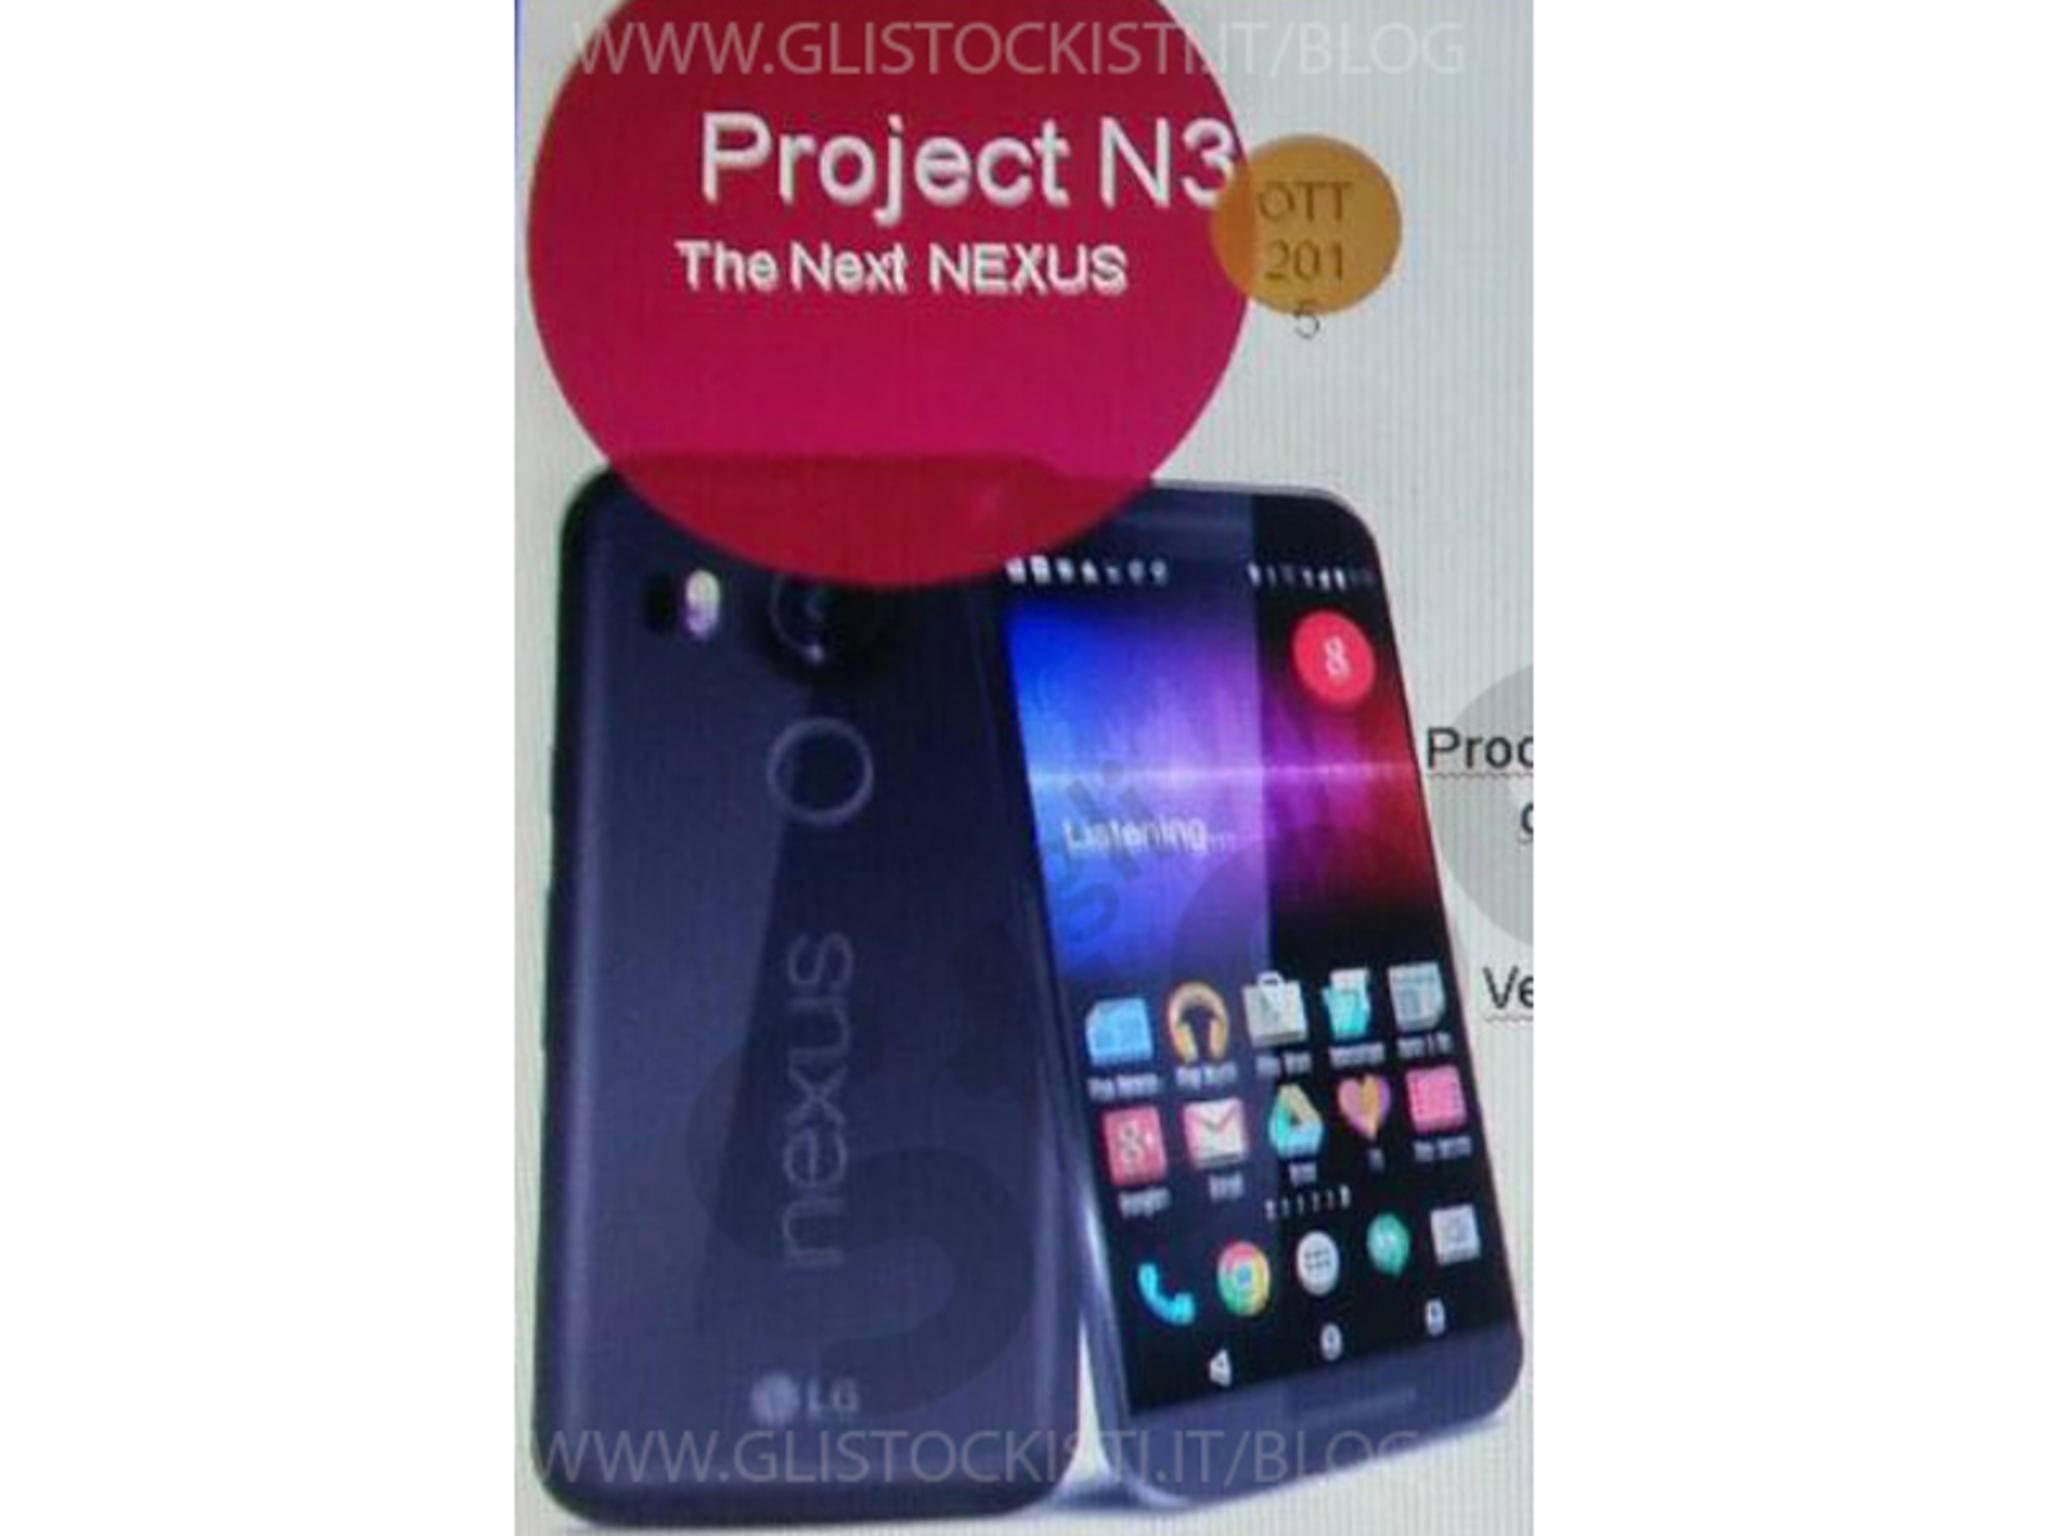 Eine angeblich echte interne Präsentation des LG Nexus 5 (2015).